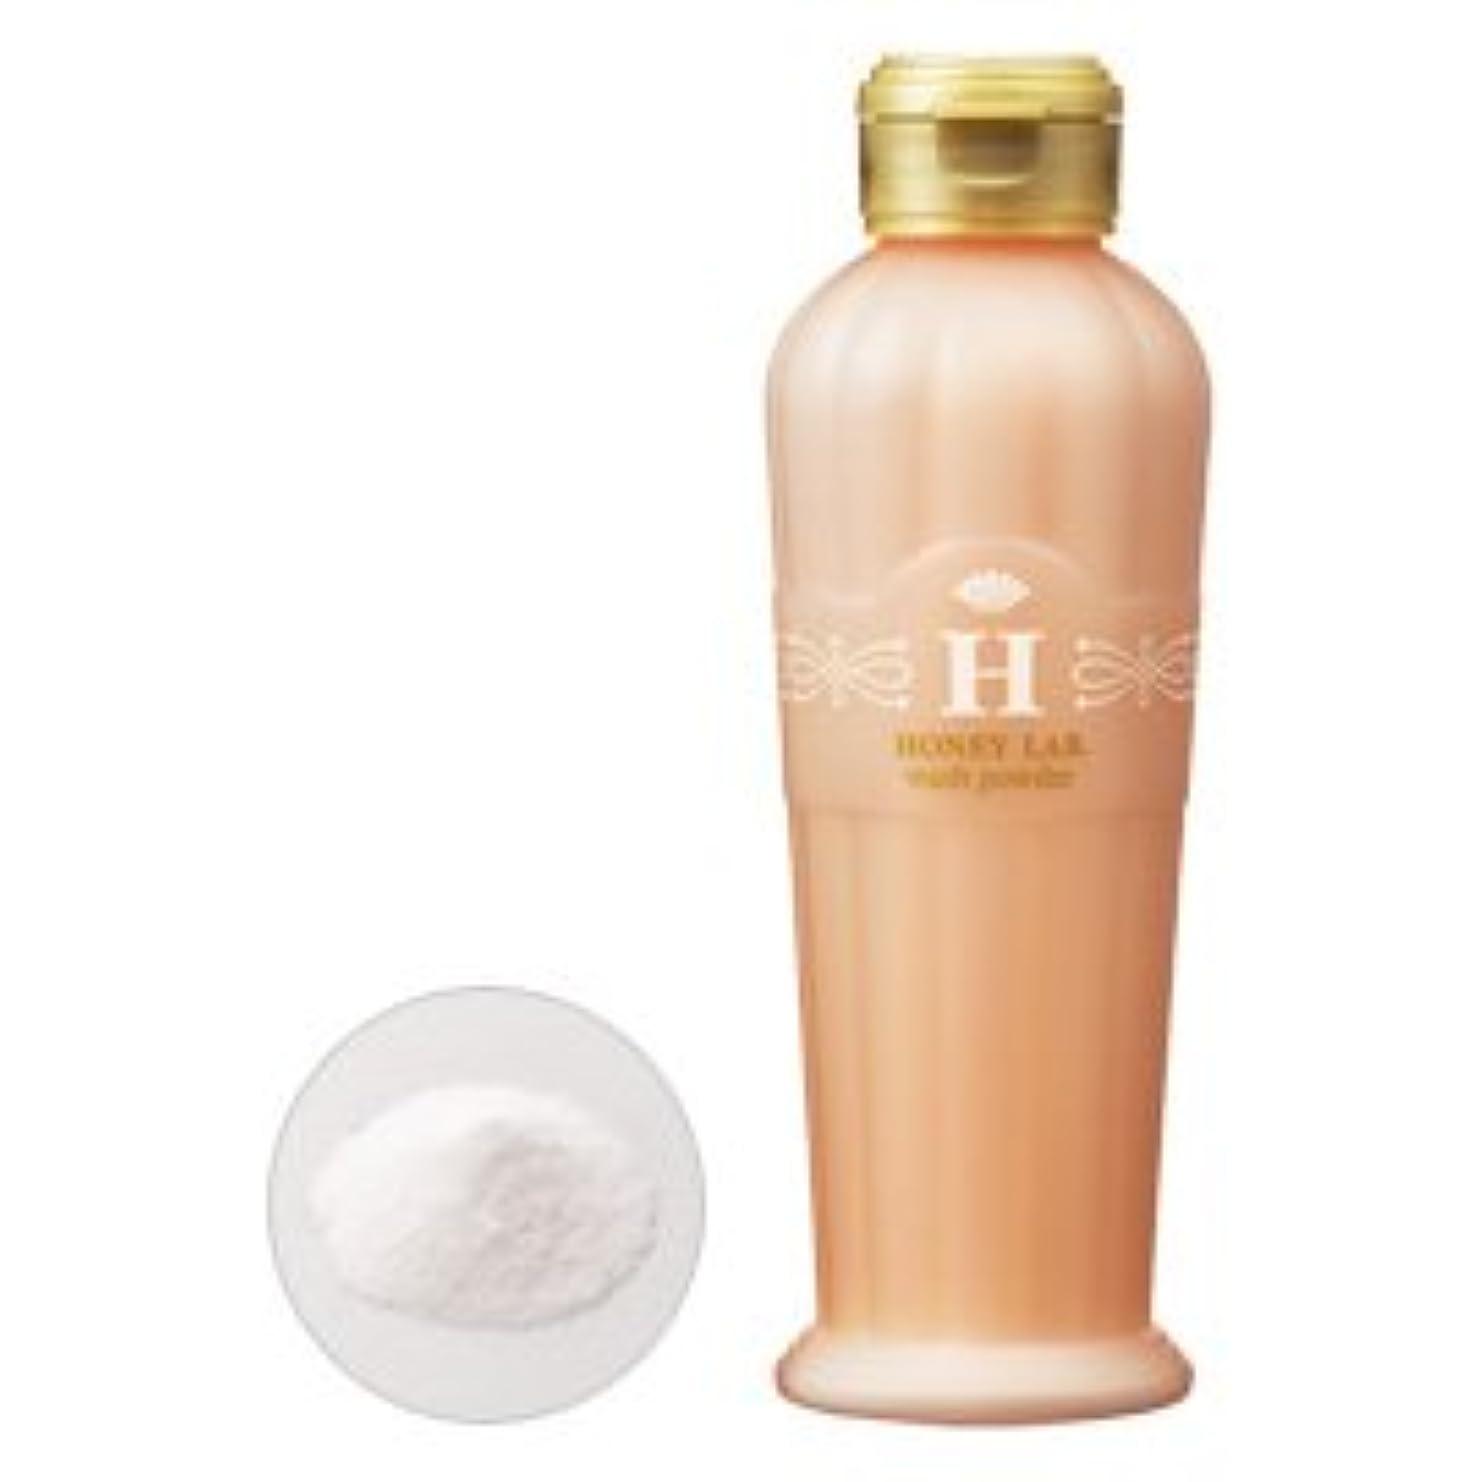 ショルダー強風撃退するハニーラボ 洗顔パウダー 粉末状洗顔料 60g/Honey lab Face Wash Powder <60g>